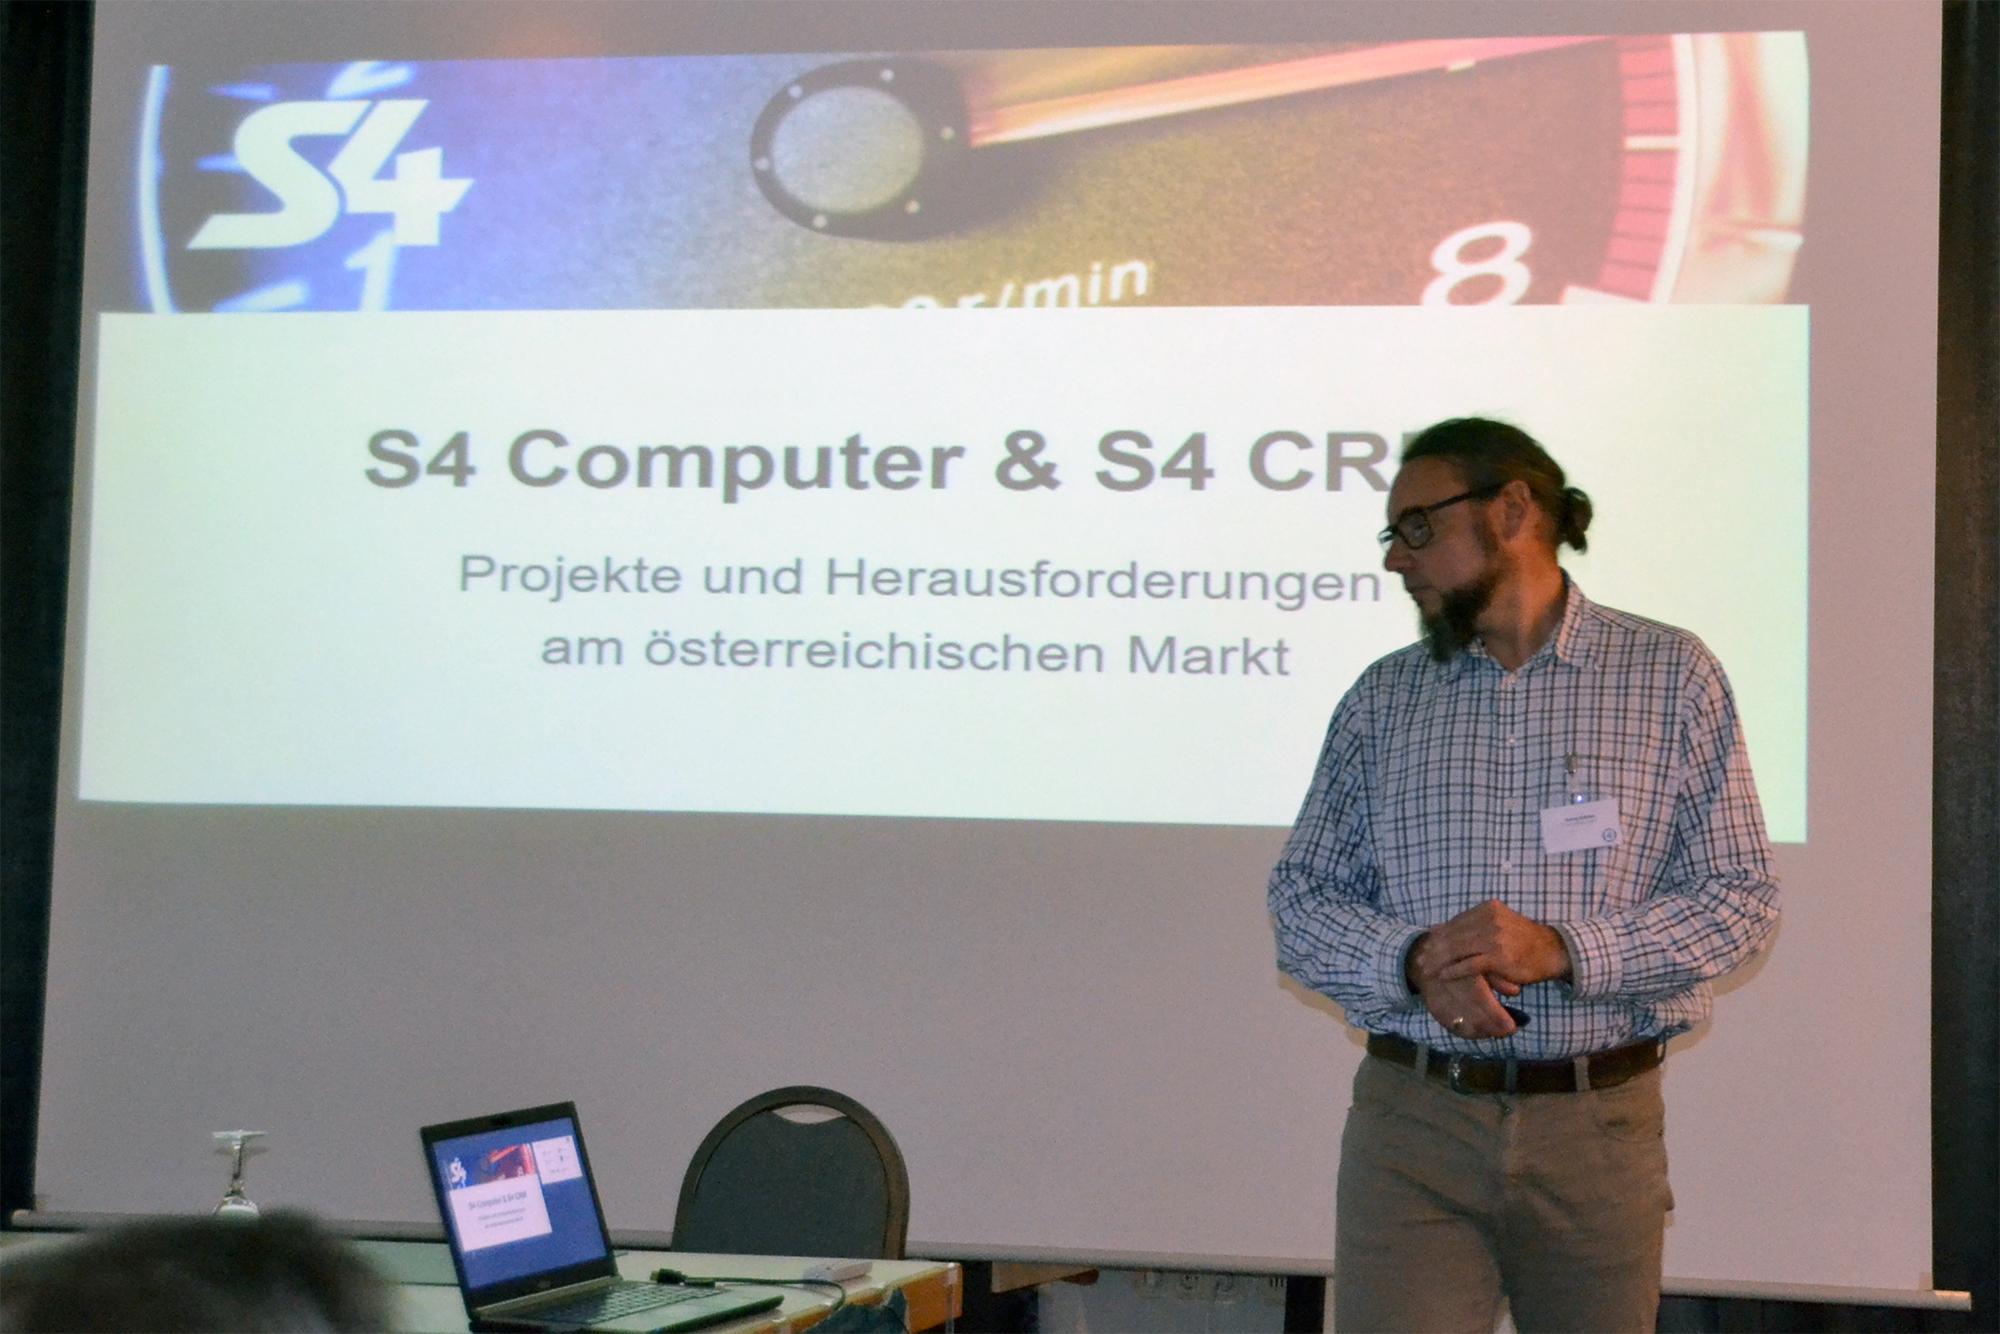 OPEL CATCH-Anwendertreffen 2019 - Gastvortrag S4 Computer Österreich